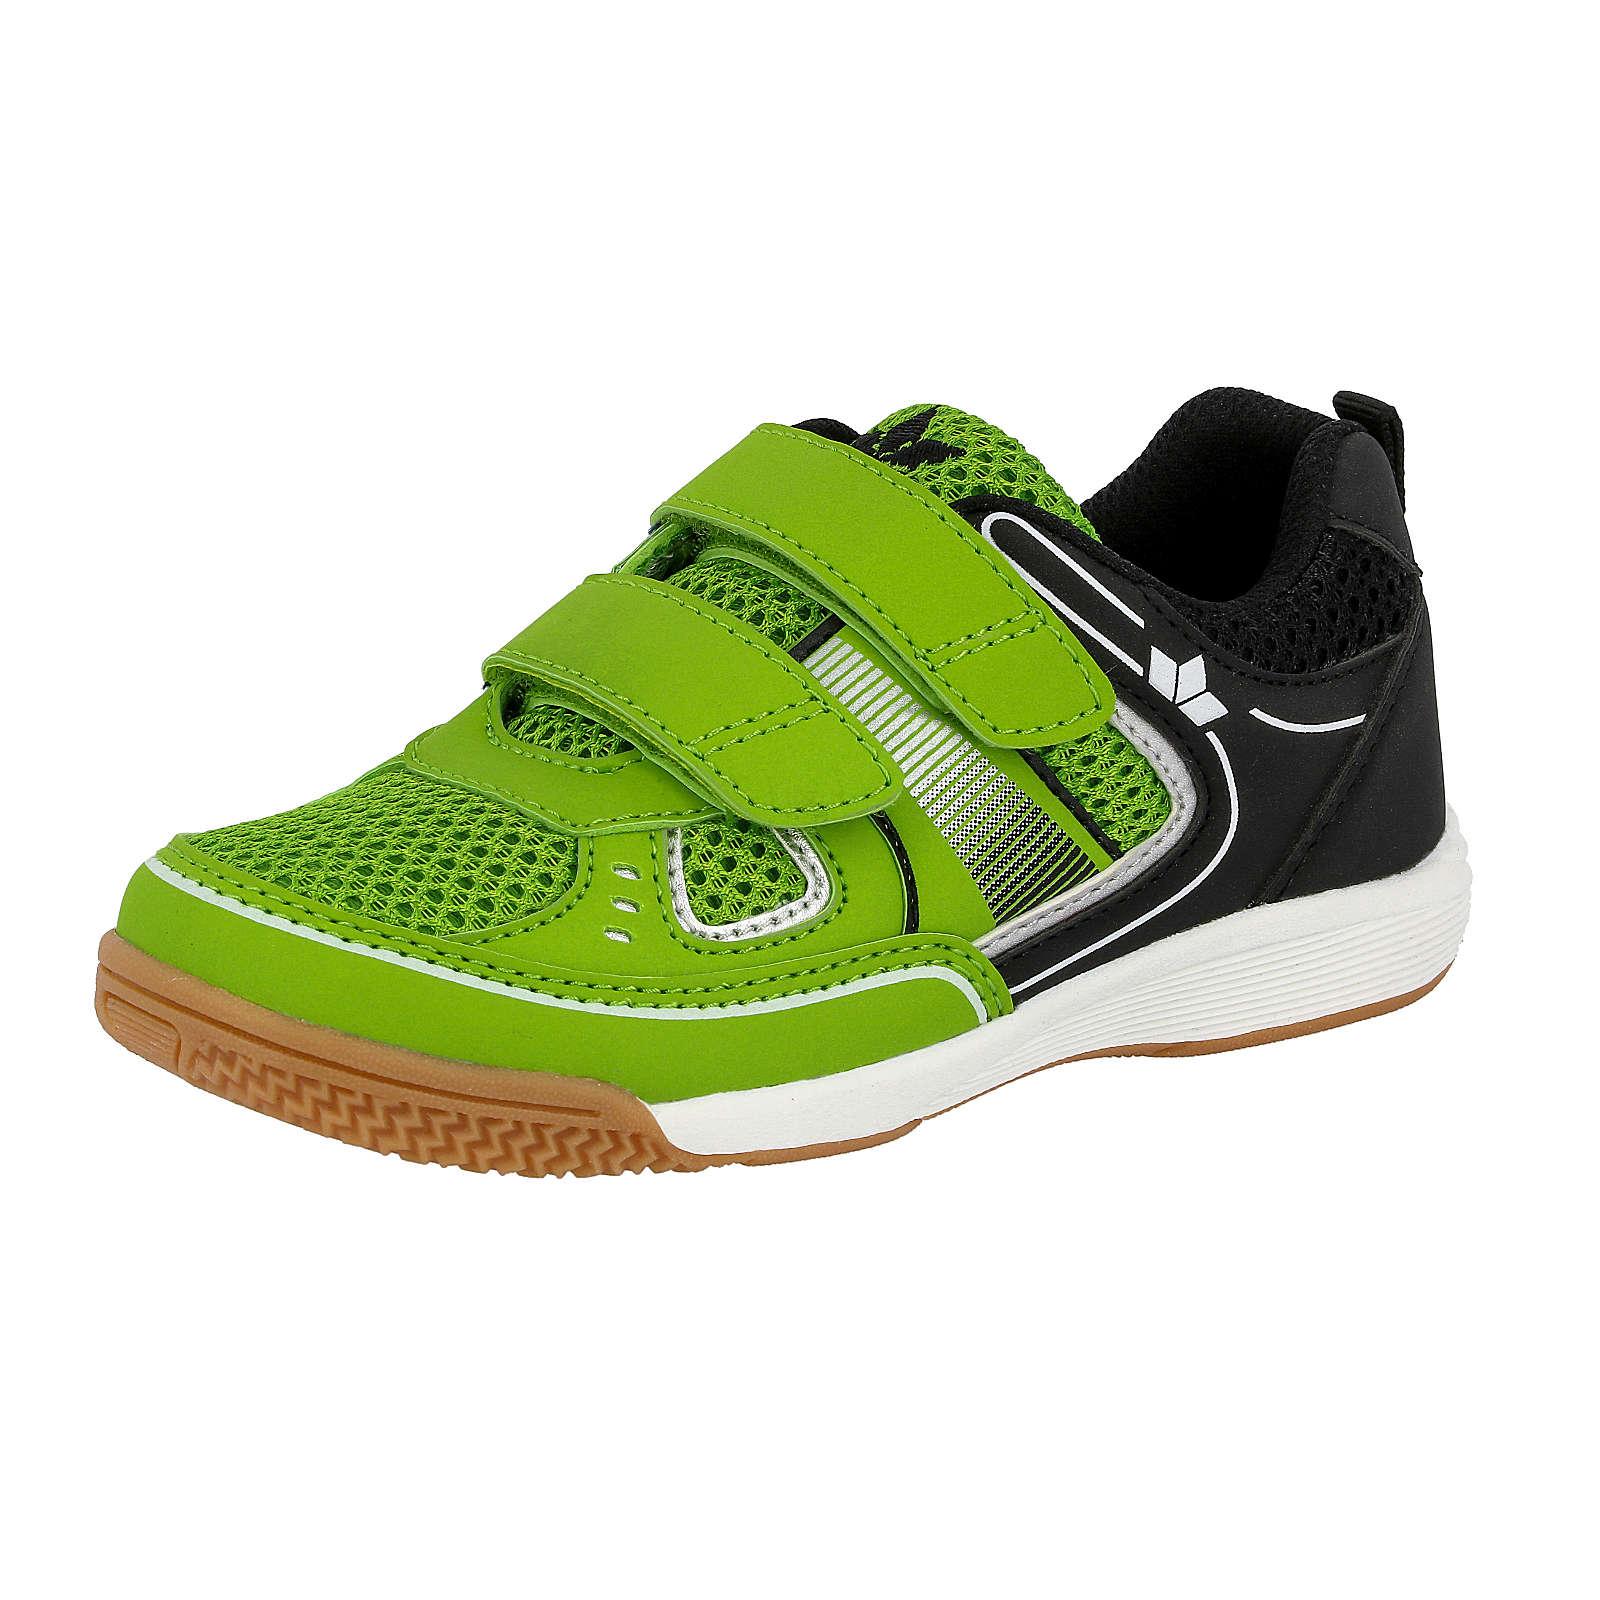 LICO Sportschuhe für Jungen grün Junge Gr. 32